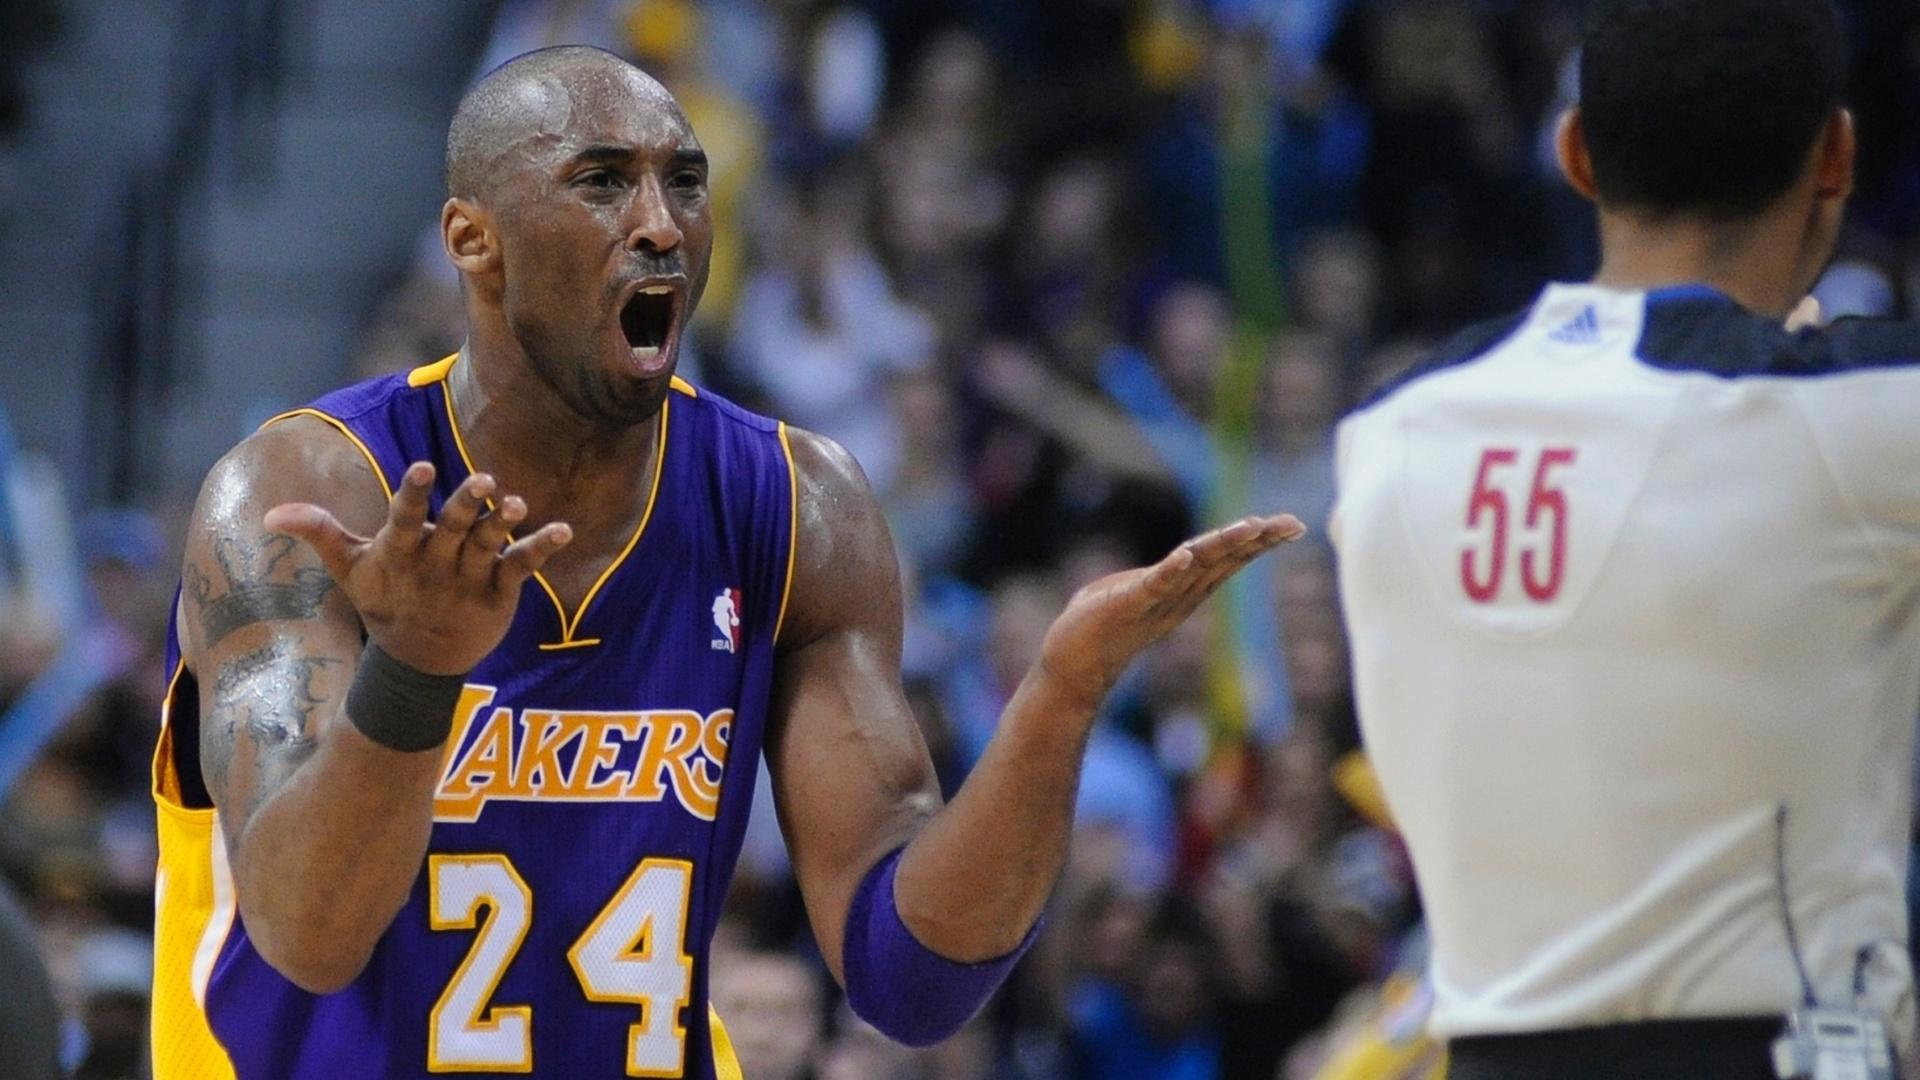 fd3bf01d2 Kobe critica diretoria dos Lakers e cobra definição sobre situação de Gasol  - 20 02 2012 - UOL Esporte